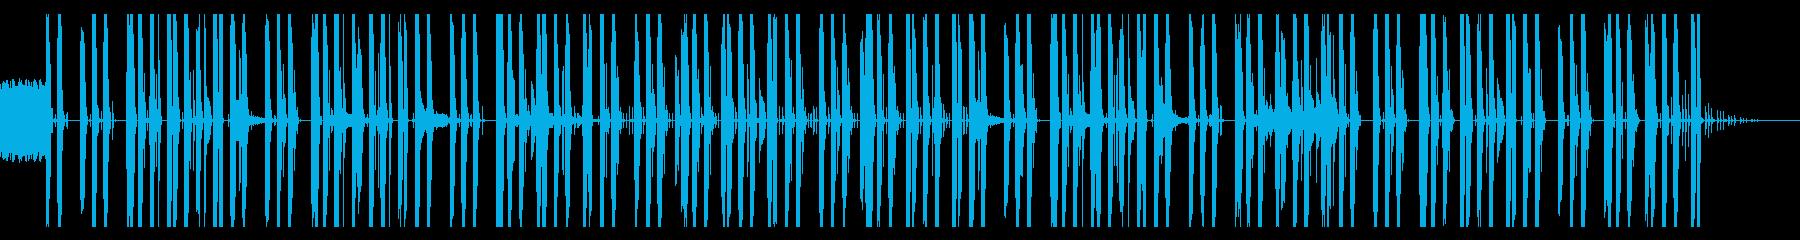 忍び寄る感じのビートのテクノっぽい曲の再生済みの波形